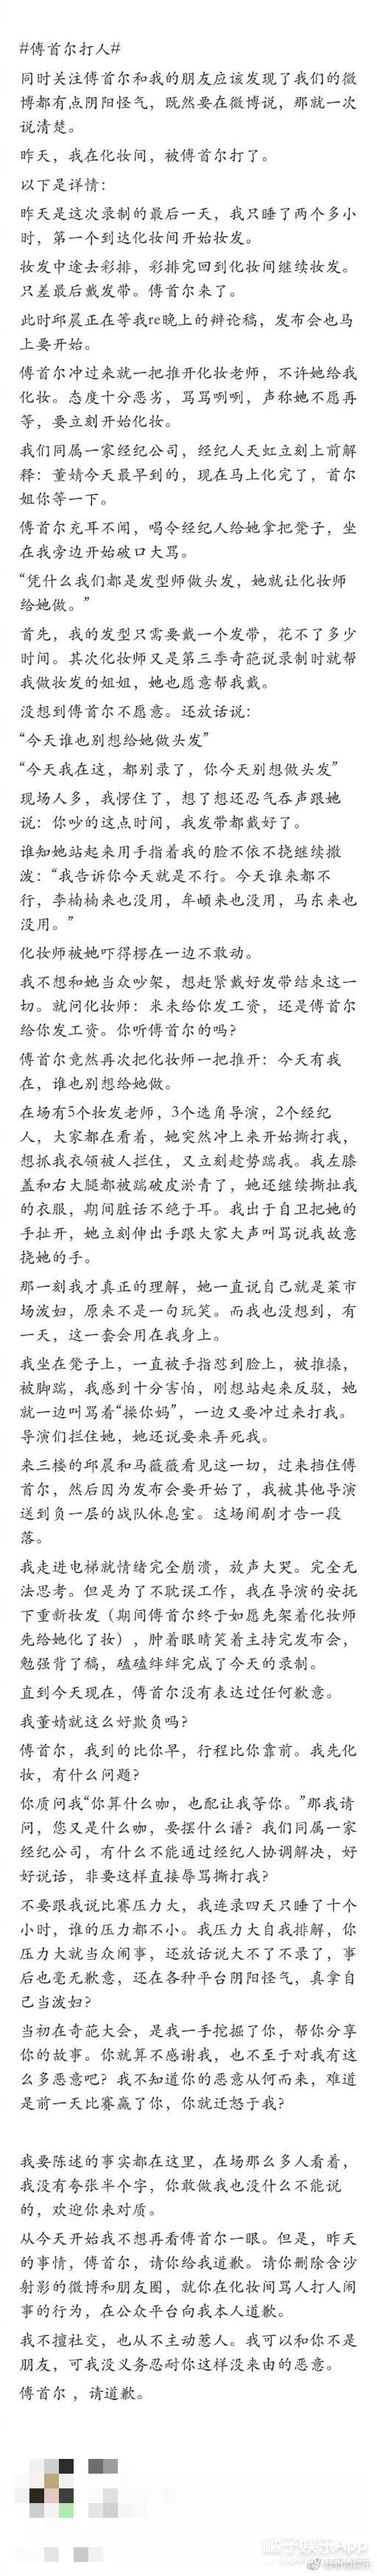 刘强东性侵案调查初步完成 大张伟首次承认结婚